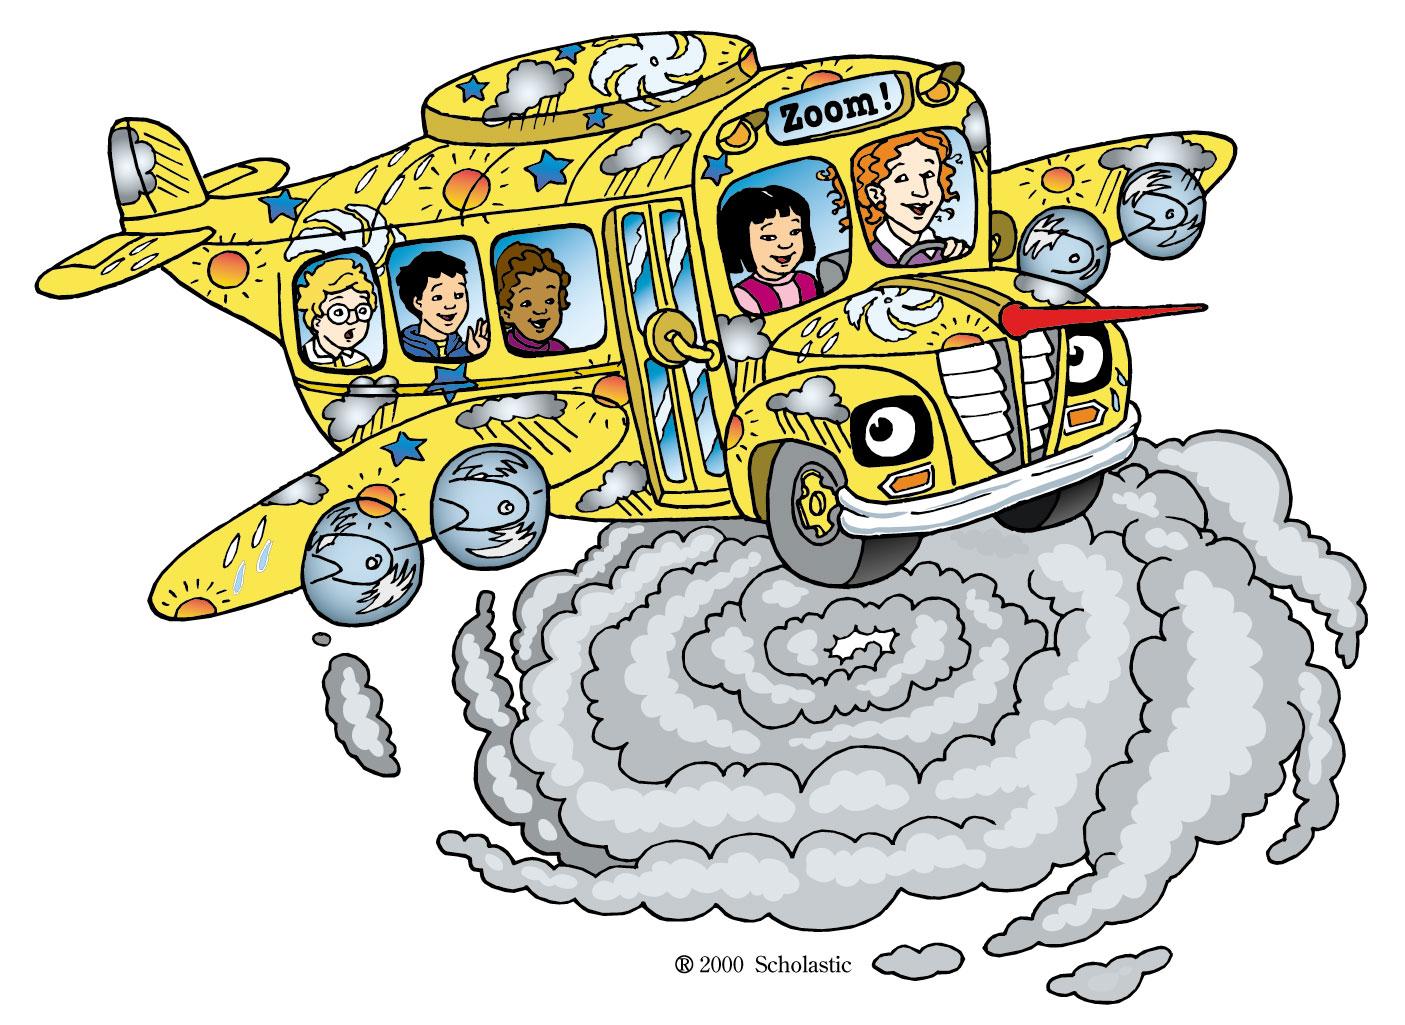 Blog 10 Educational Cartoons The Magic School Bus